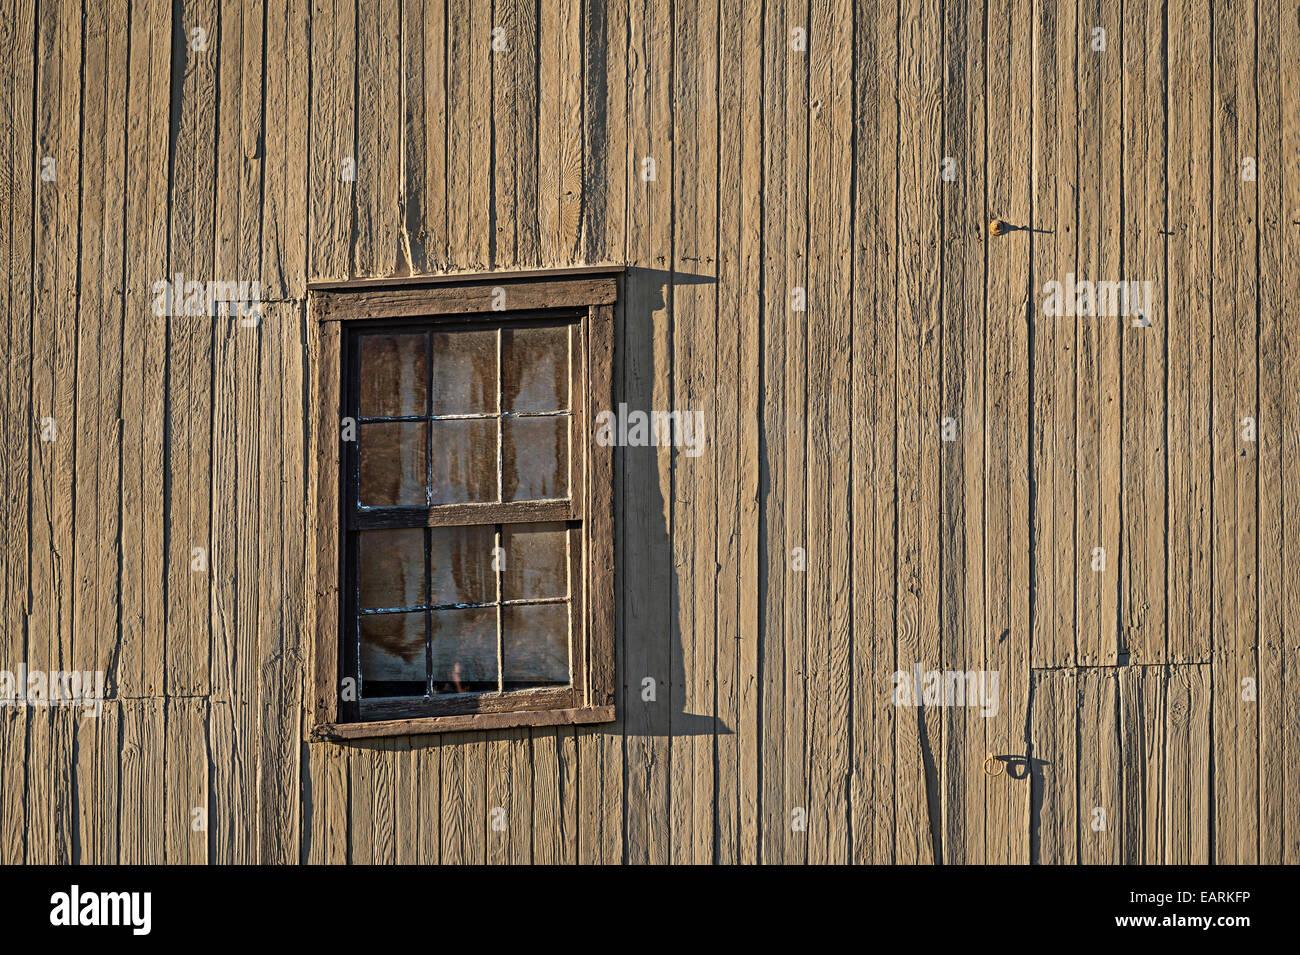 Old Slanted Window On Ramshackle Dilapidated Barn - Stock Image